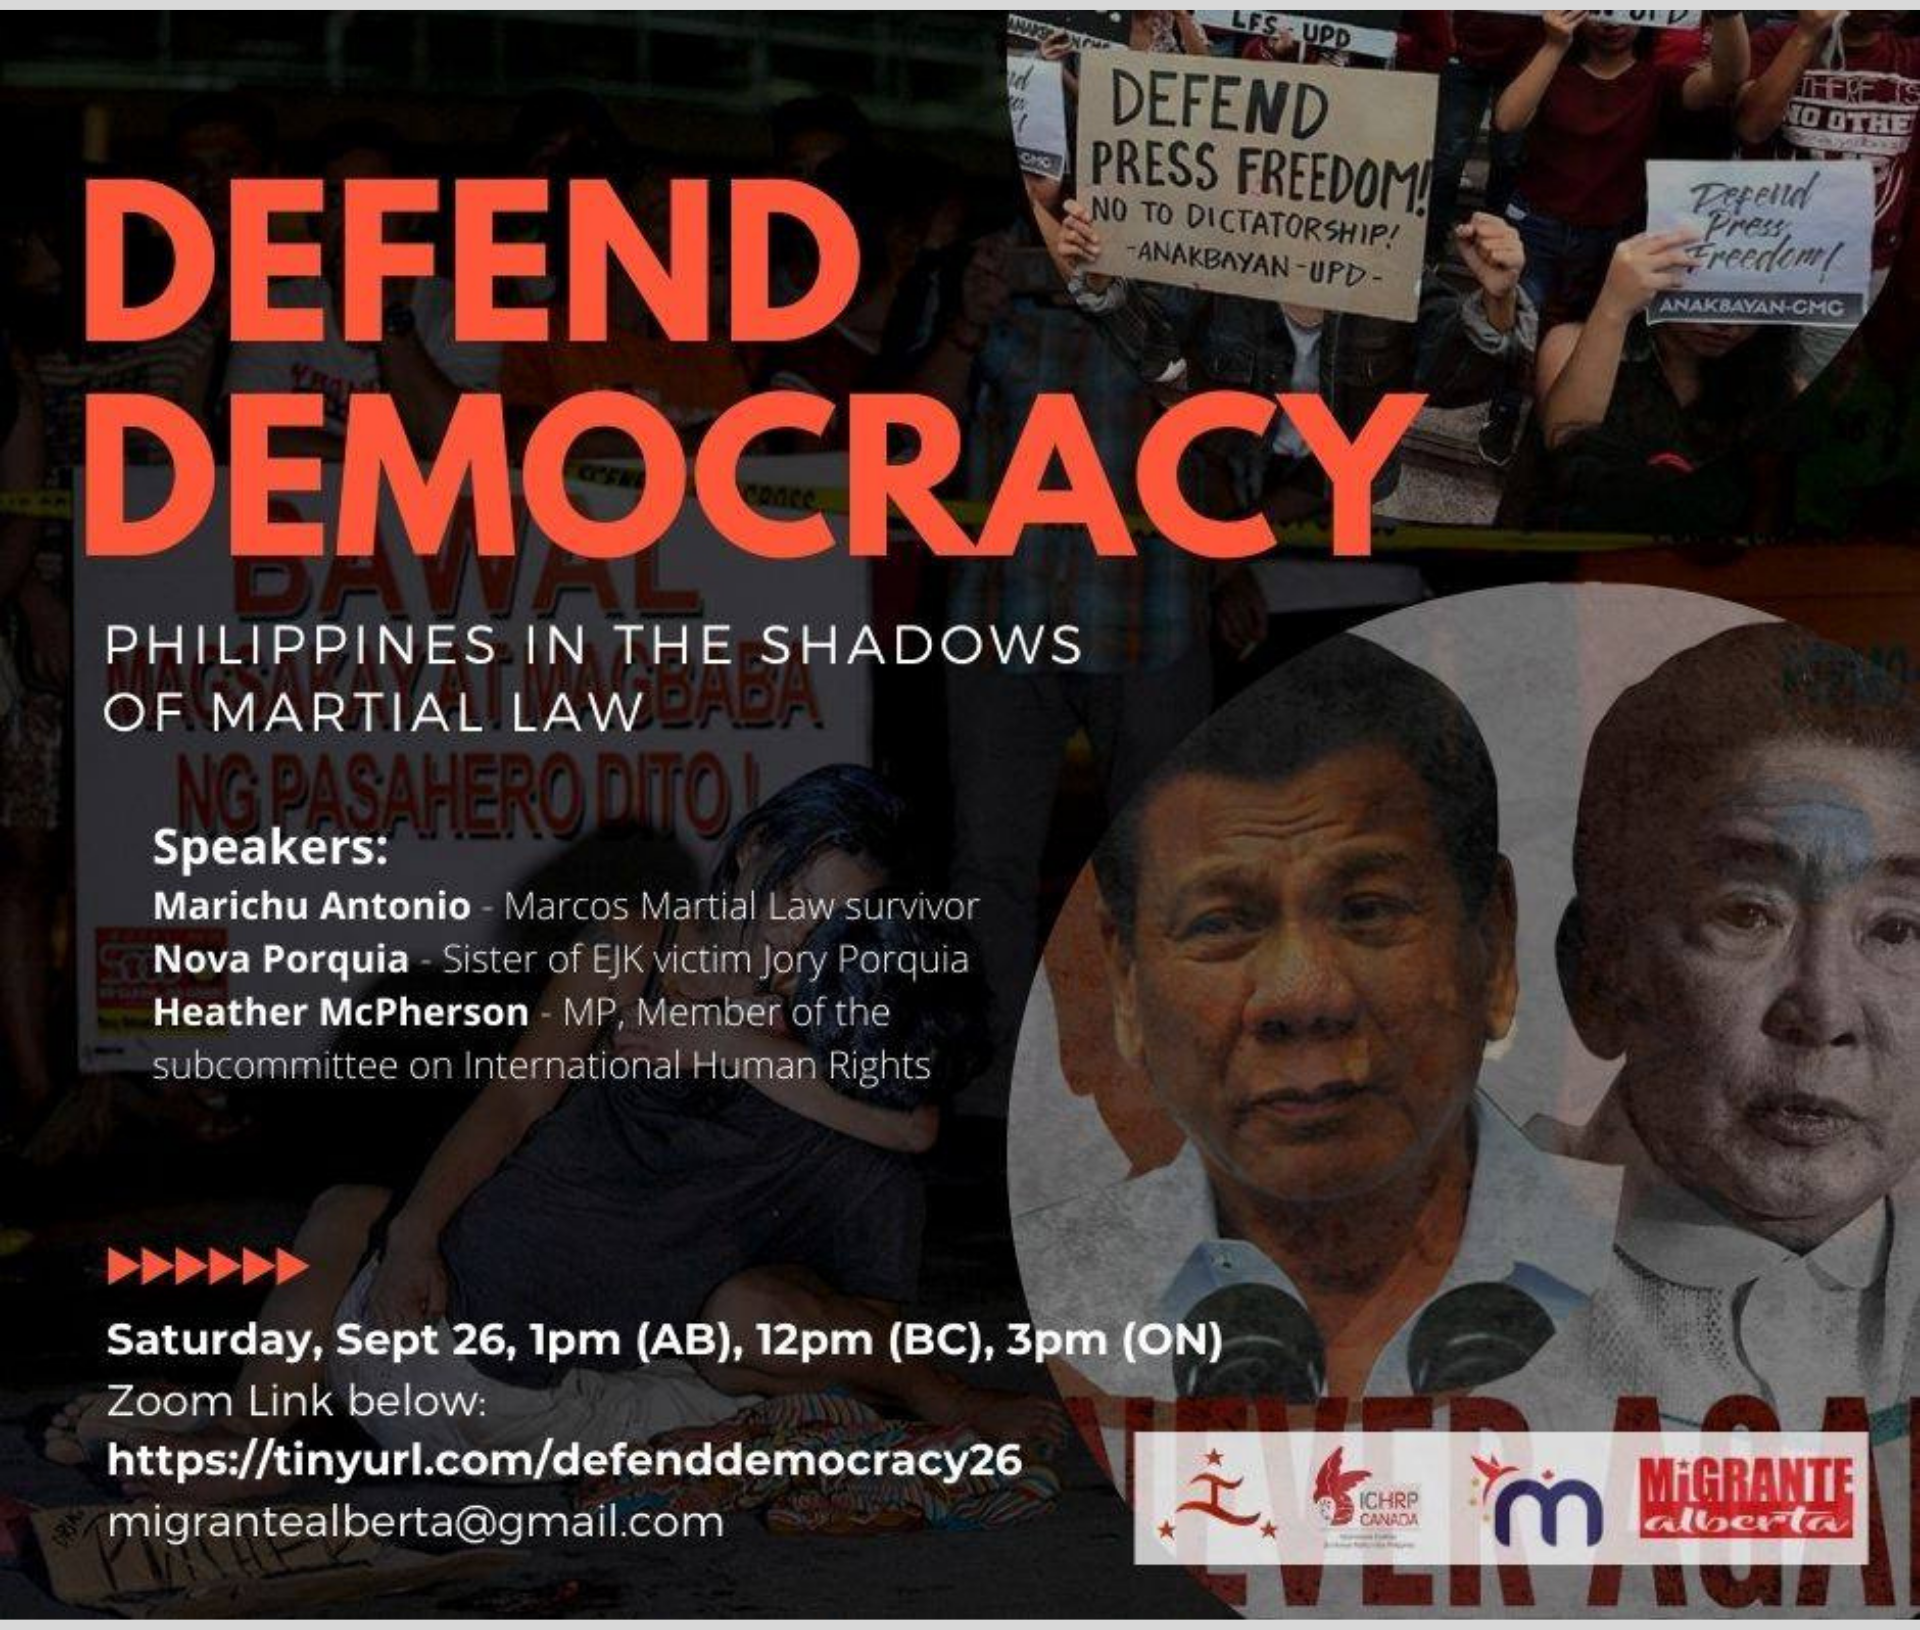 Defend democracy video